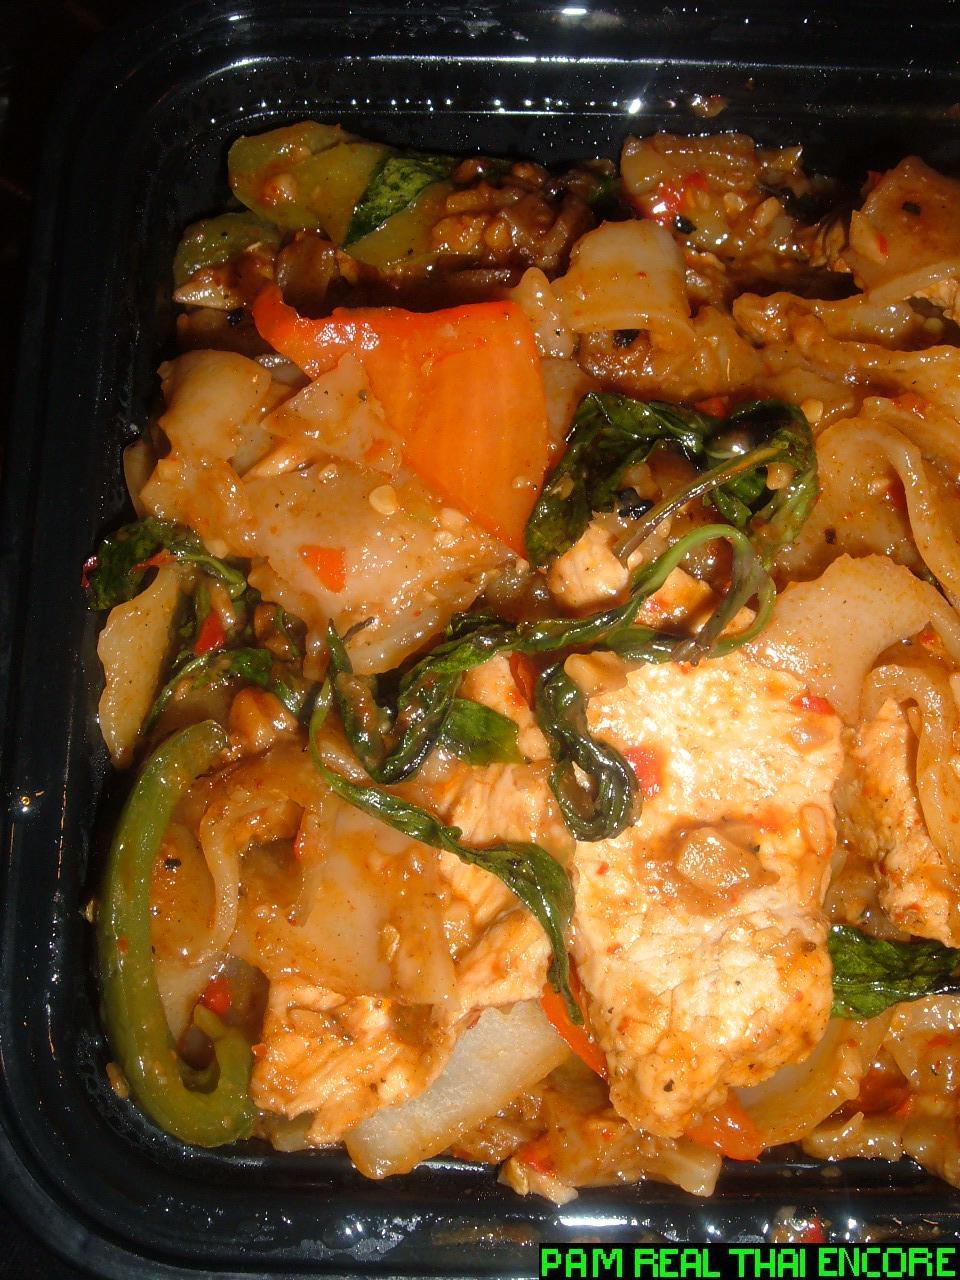 Midtown Drunken Noodle ShowdownTopaz vs Pam Real Thai Encore